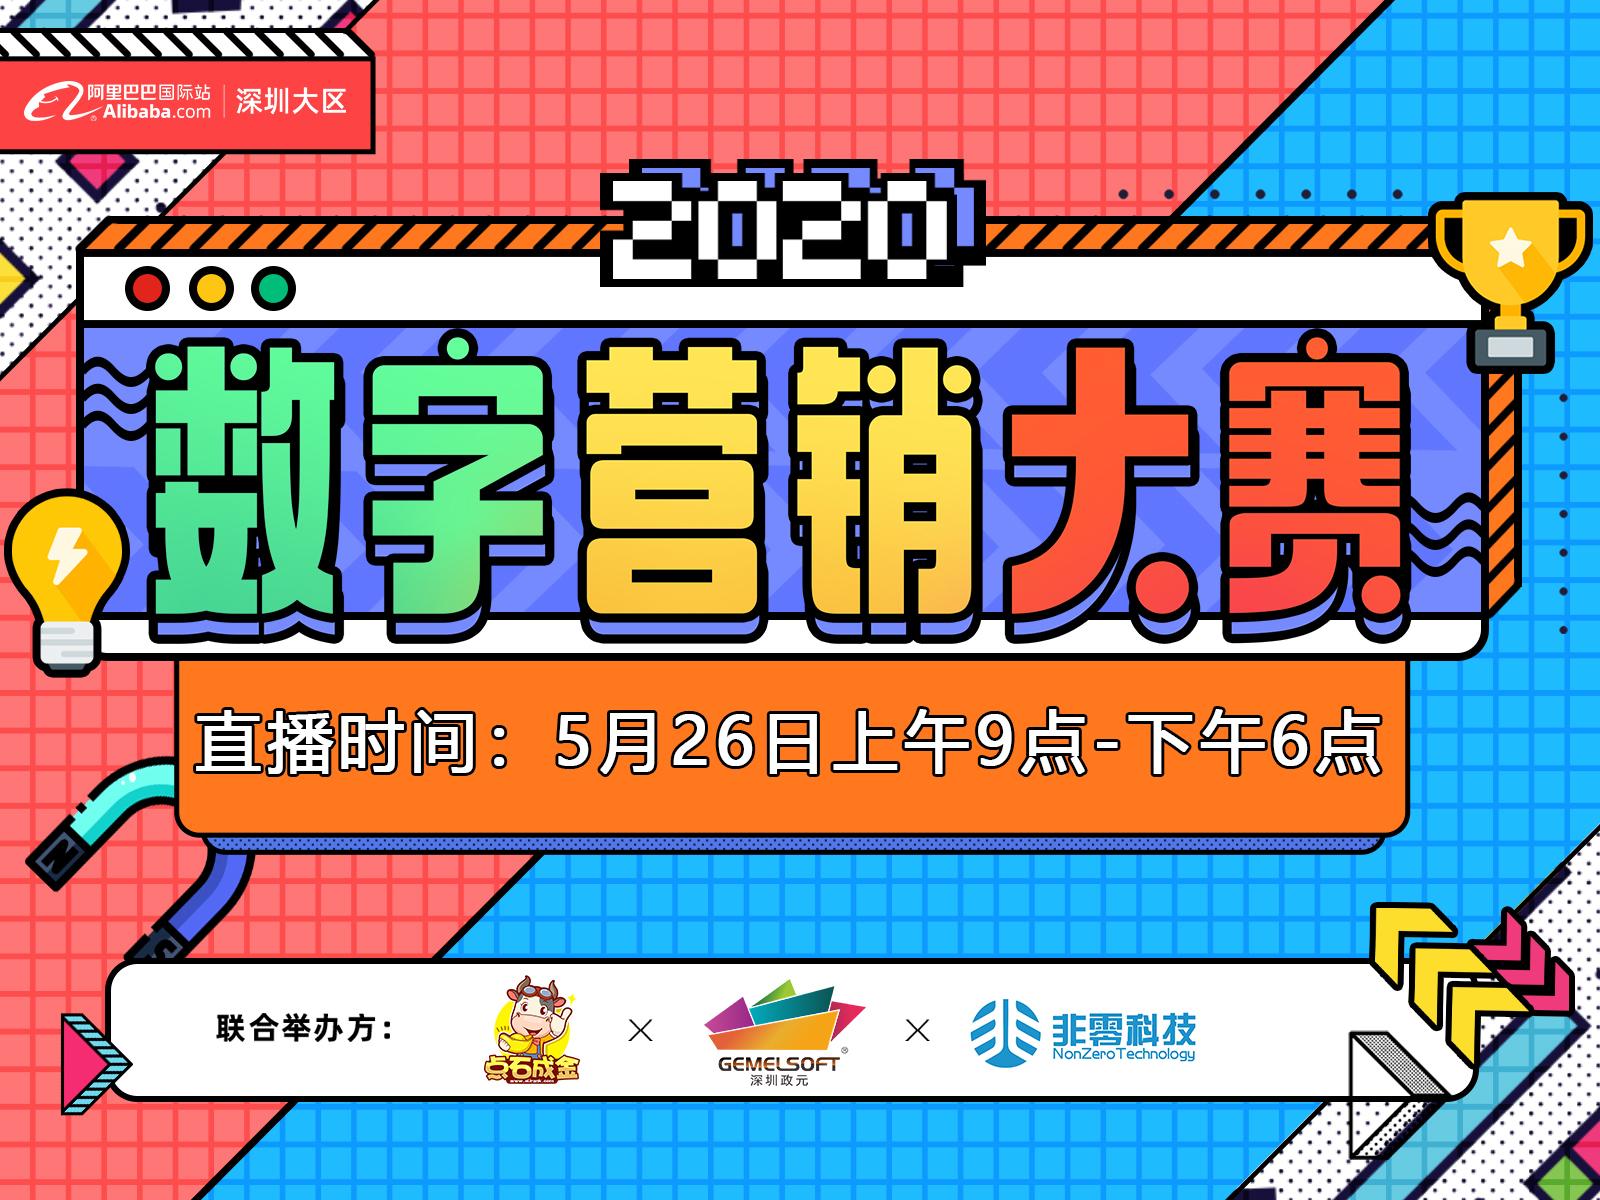 阿里巴巴国际站深圳大区《数字营销大赛》龙华区域决赛